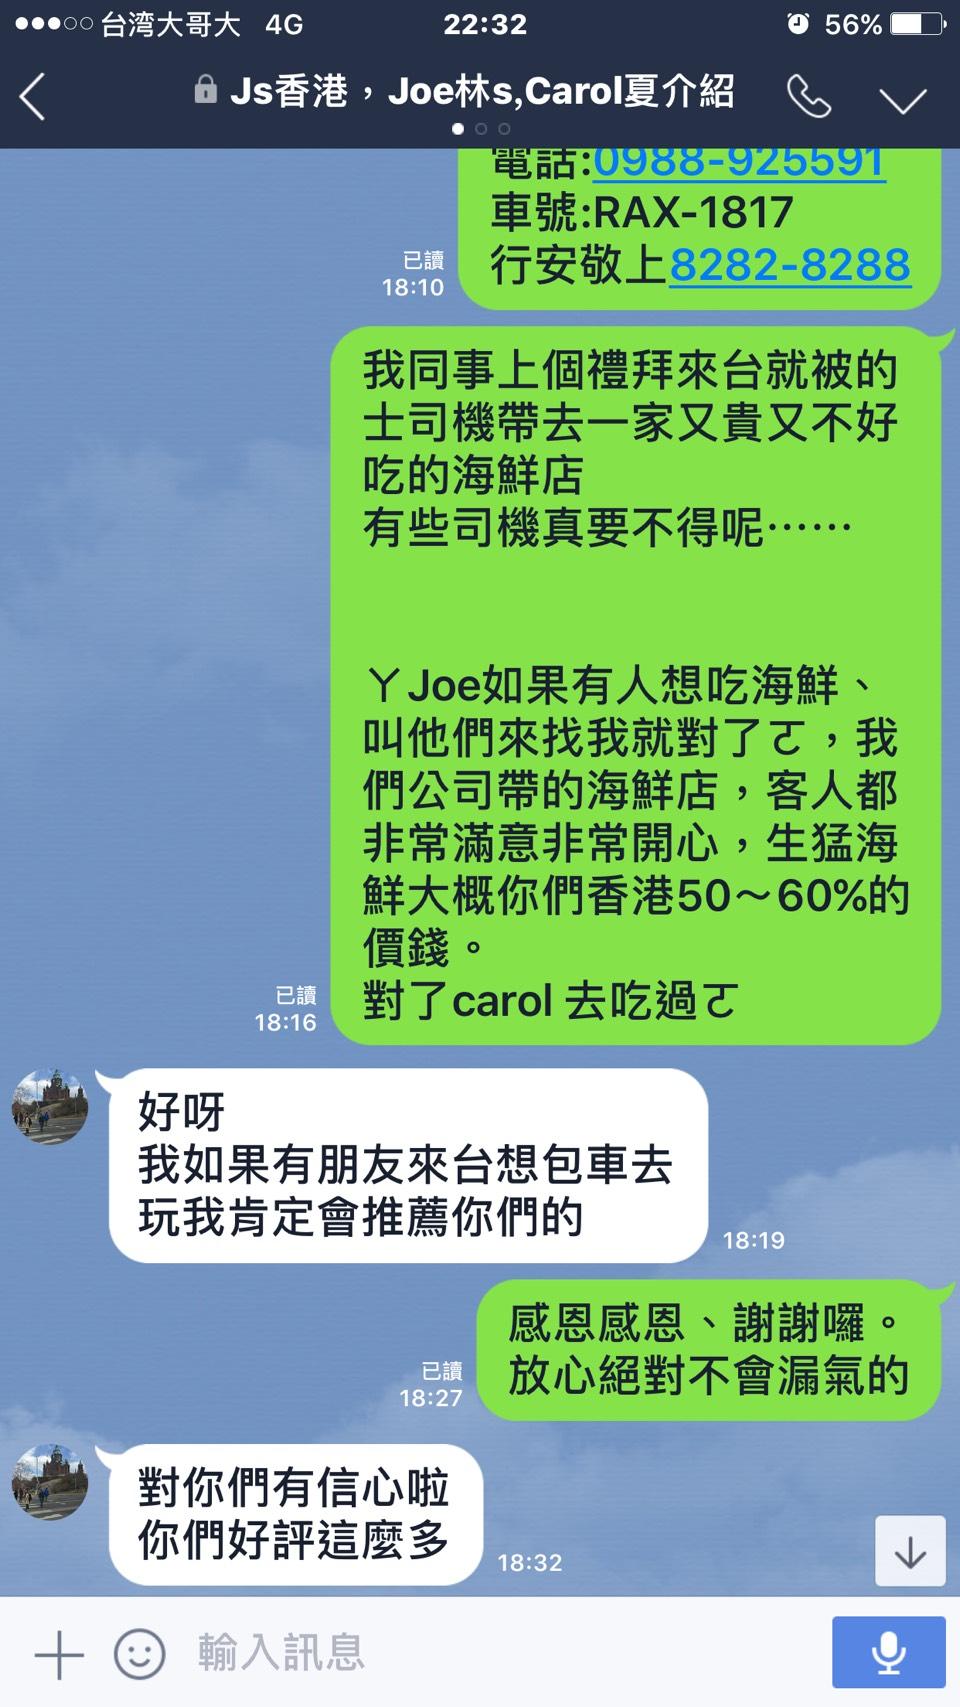 台灣自由行包車-評價_007.png